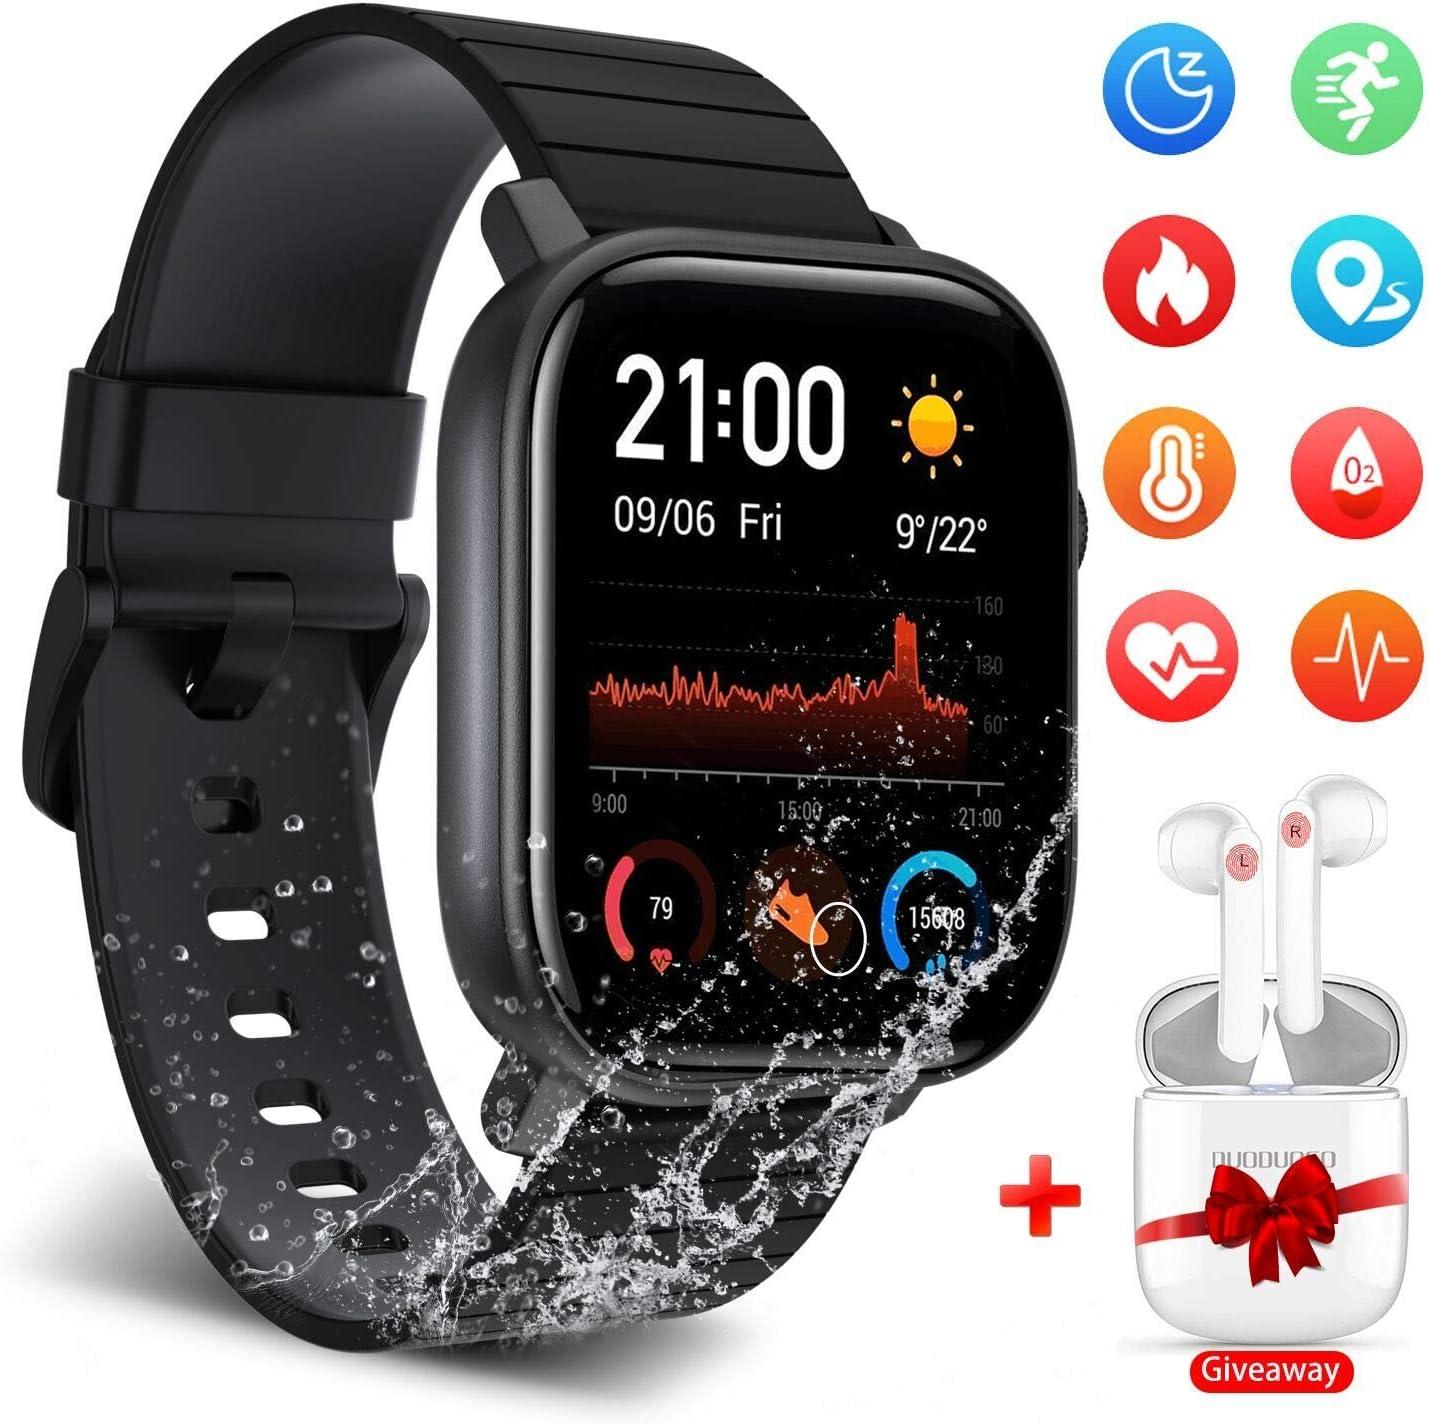 Smartwatch Reloj Inteligente para Mujer Hombre Niños Impermeable IP68 Pulsera Deportiva Monitor con Monitor de Sueño Pulsómetros,Reloj Inteligente Buenos 1.4